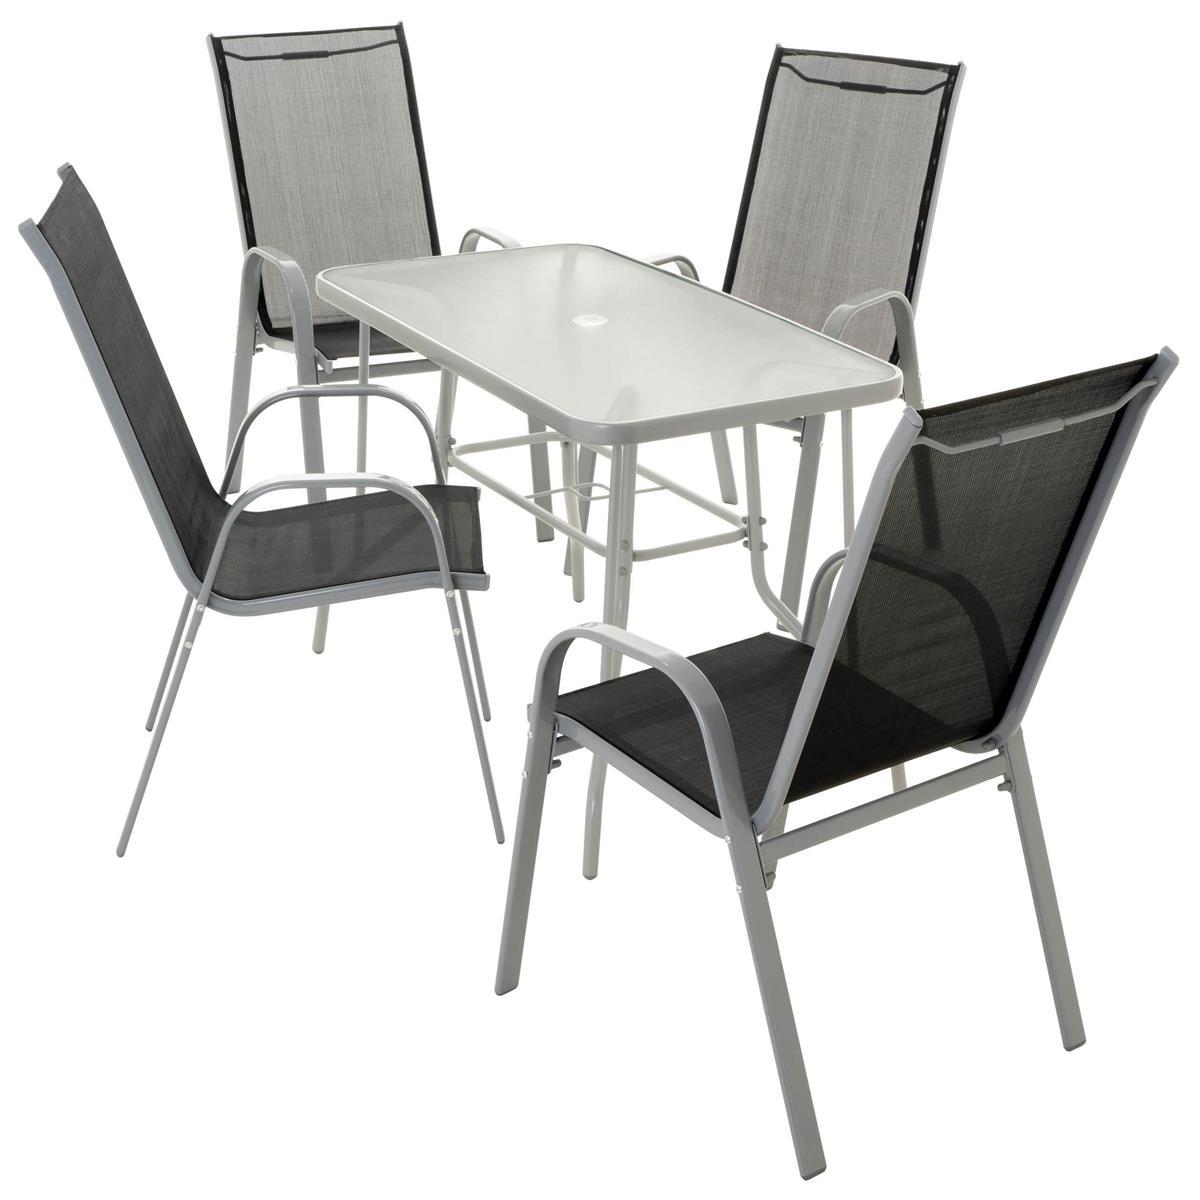 5-teiliges Gartenmöbel-Set schwarz grau Gartengarnitur Stapelstühle + Esstisch